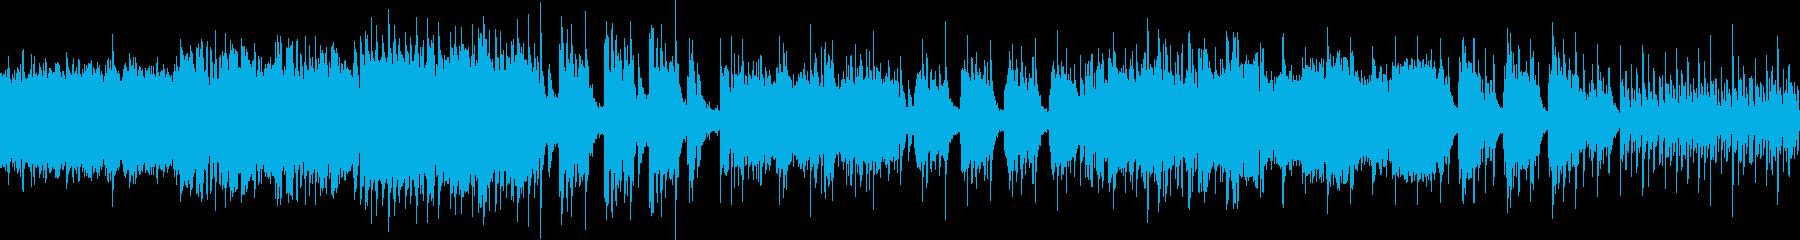 幻想的な雰囲気のバラード(ループ仕様)の再生済みの波形